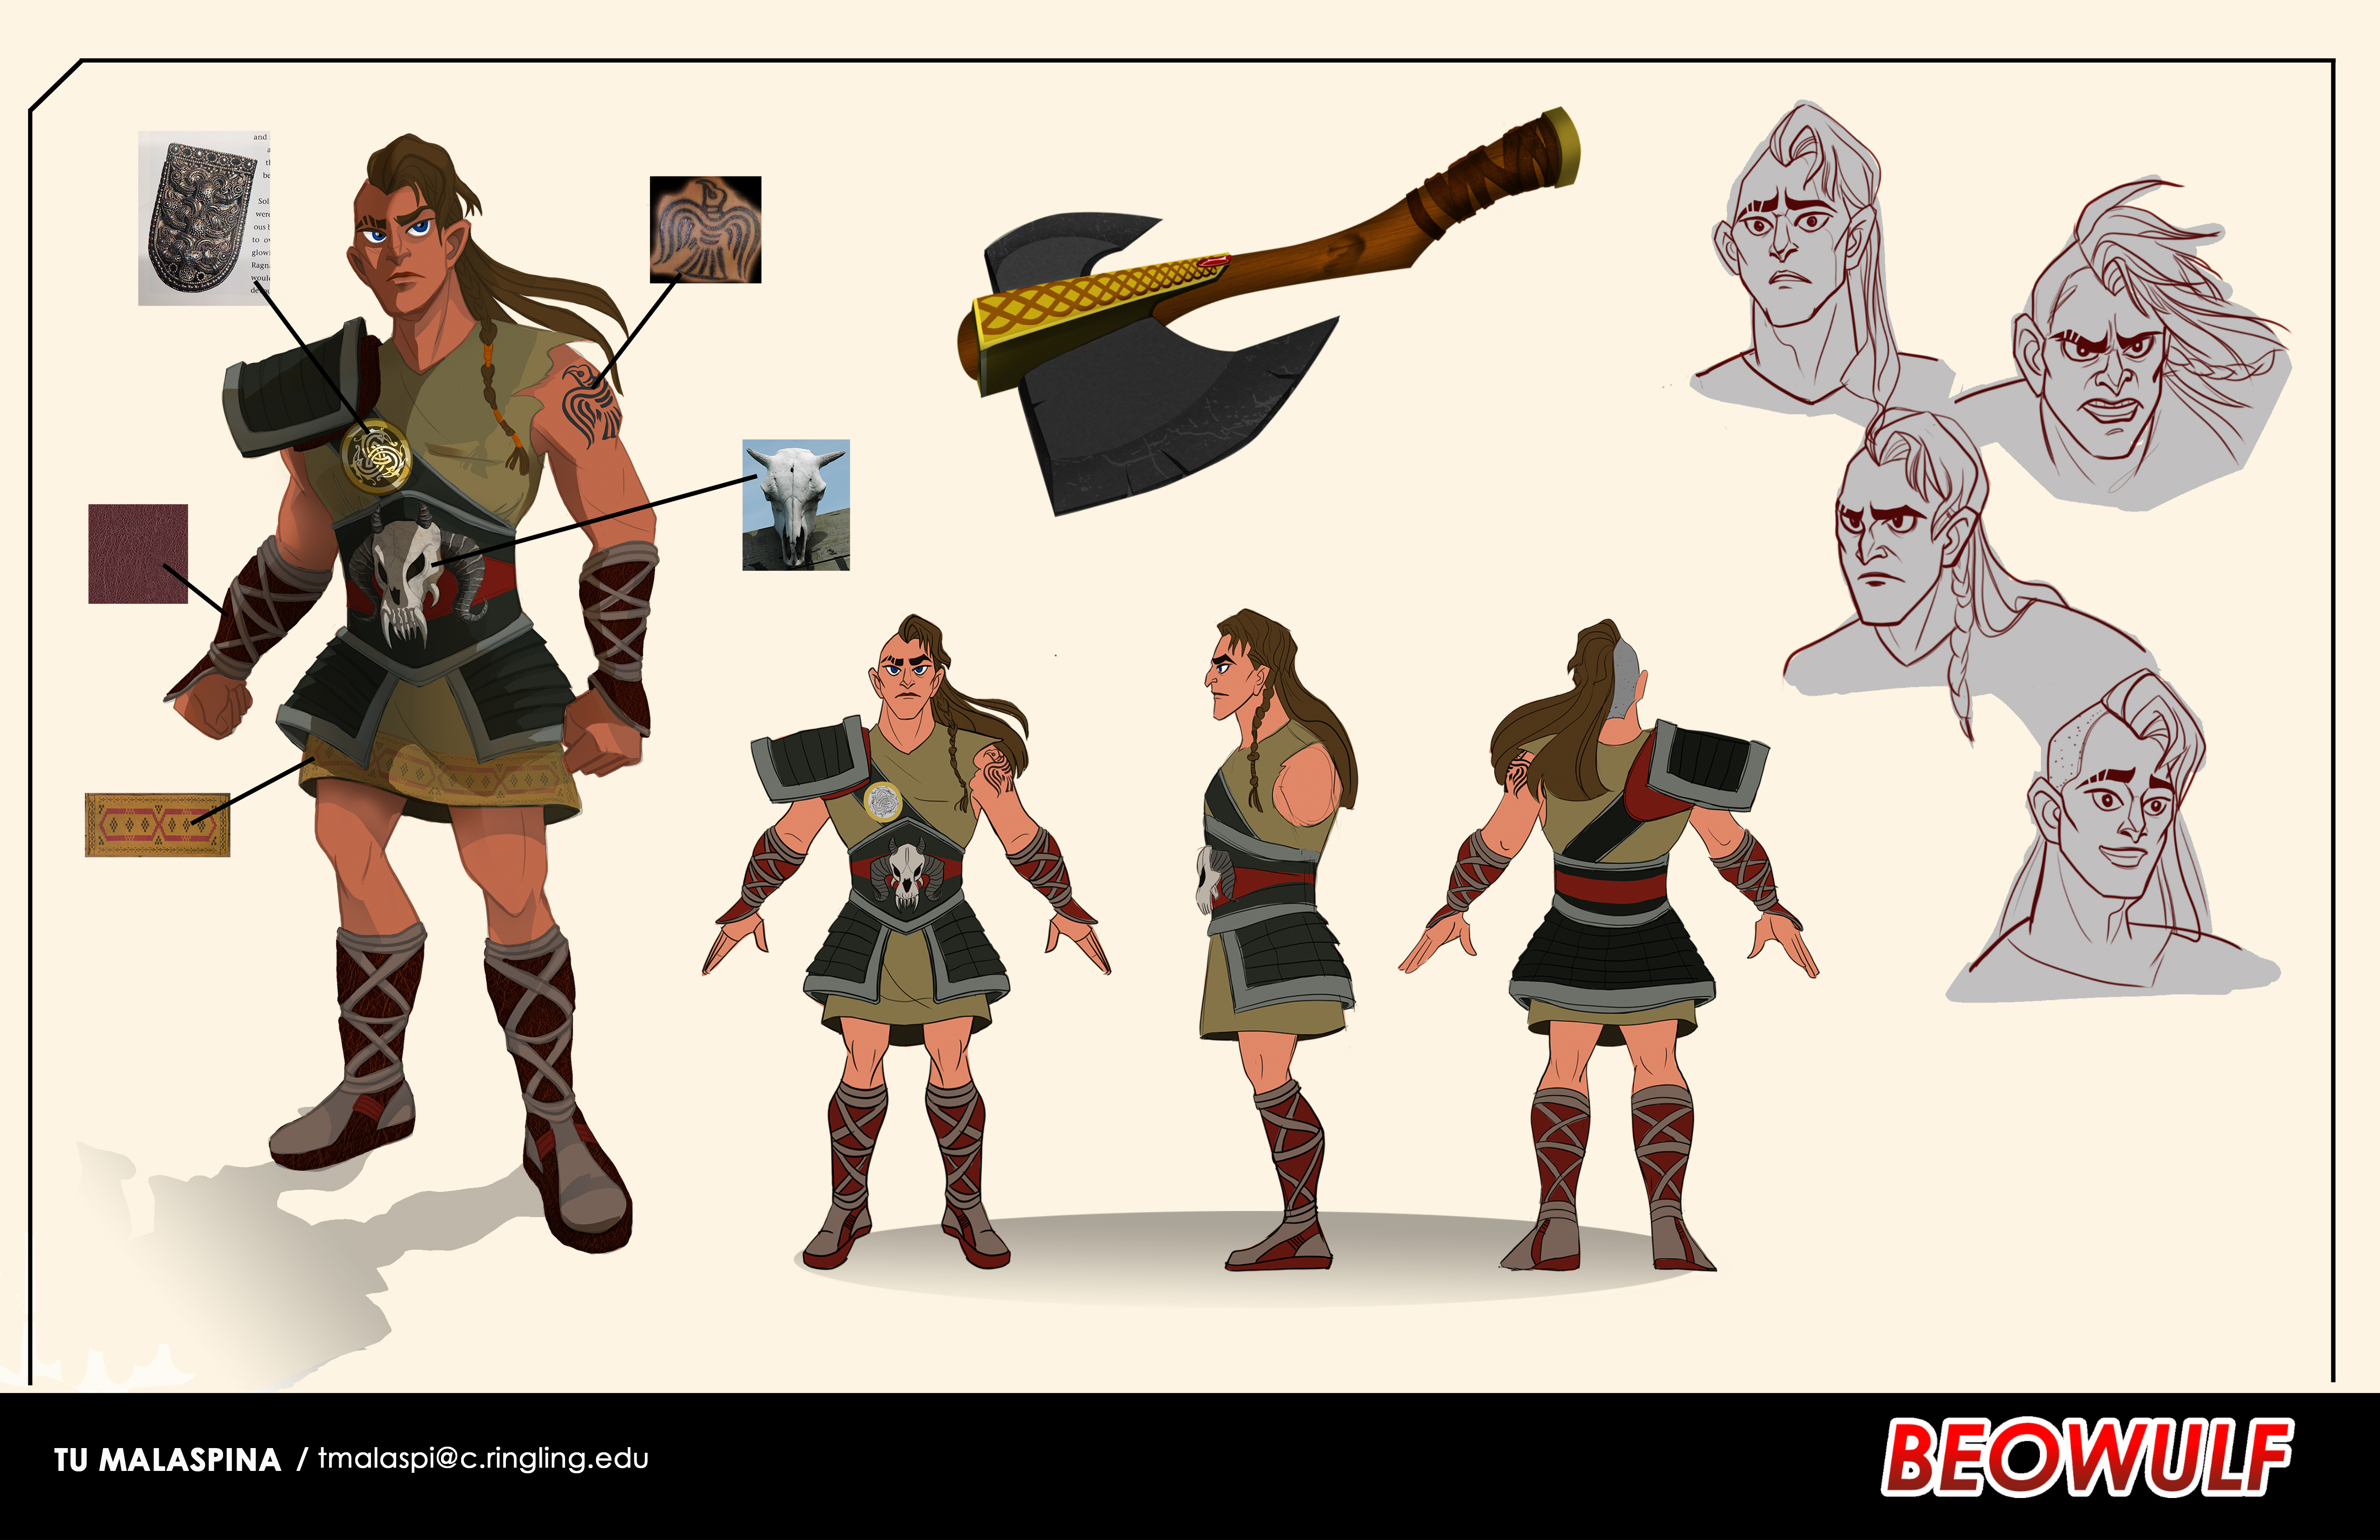 Beowulf_CharacterSheet